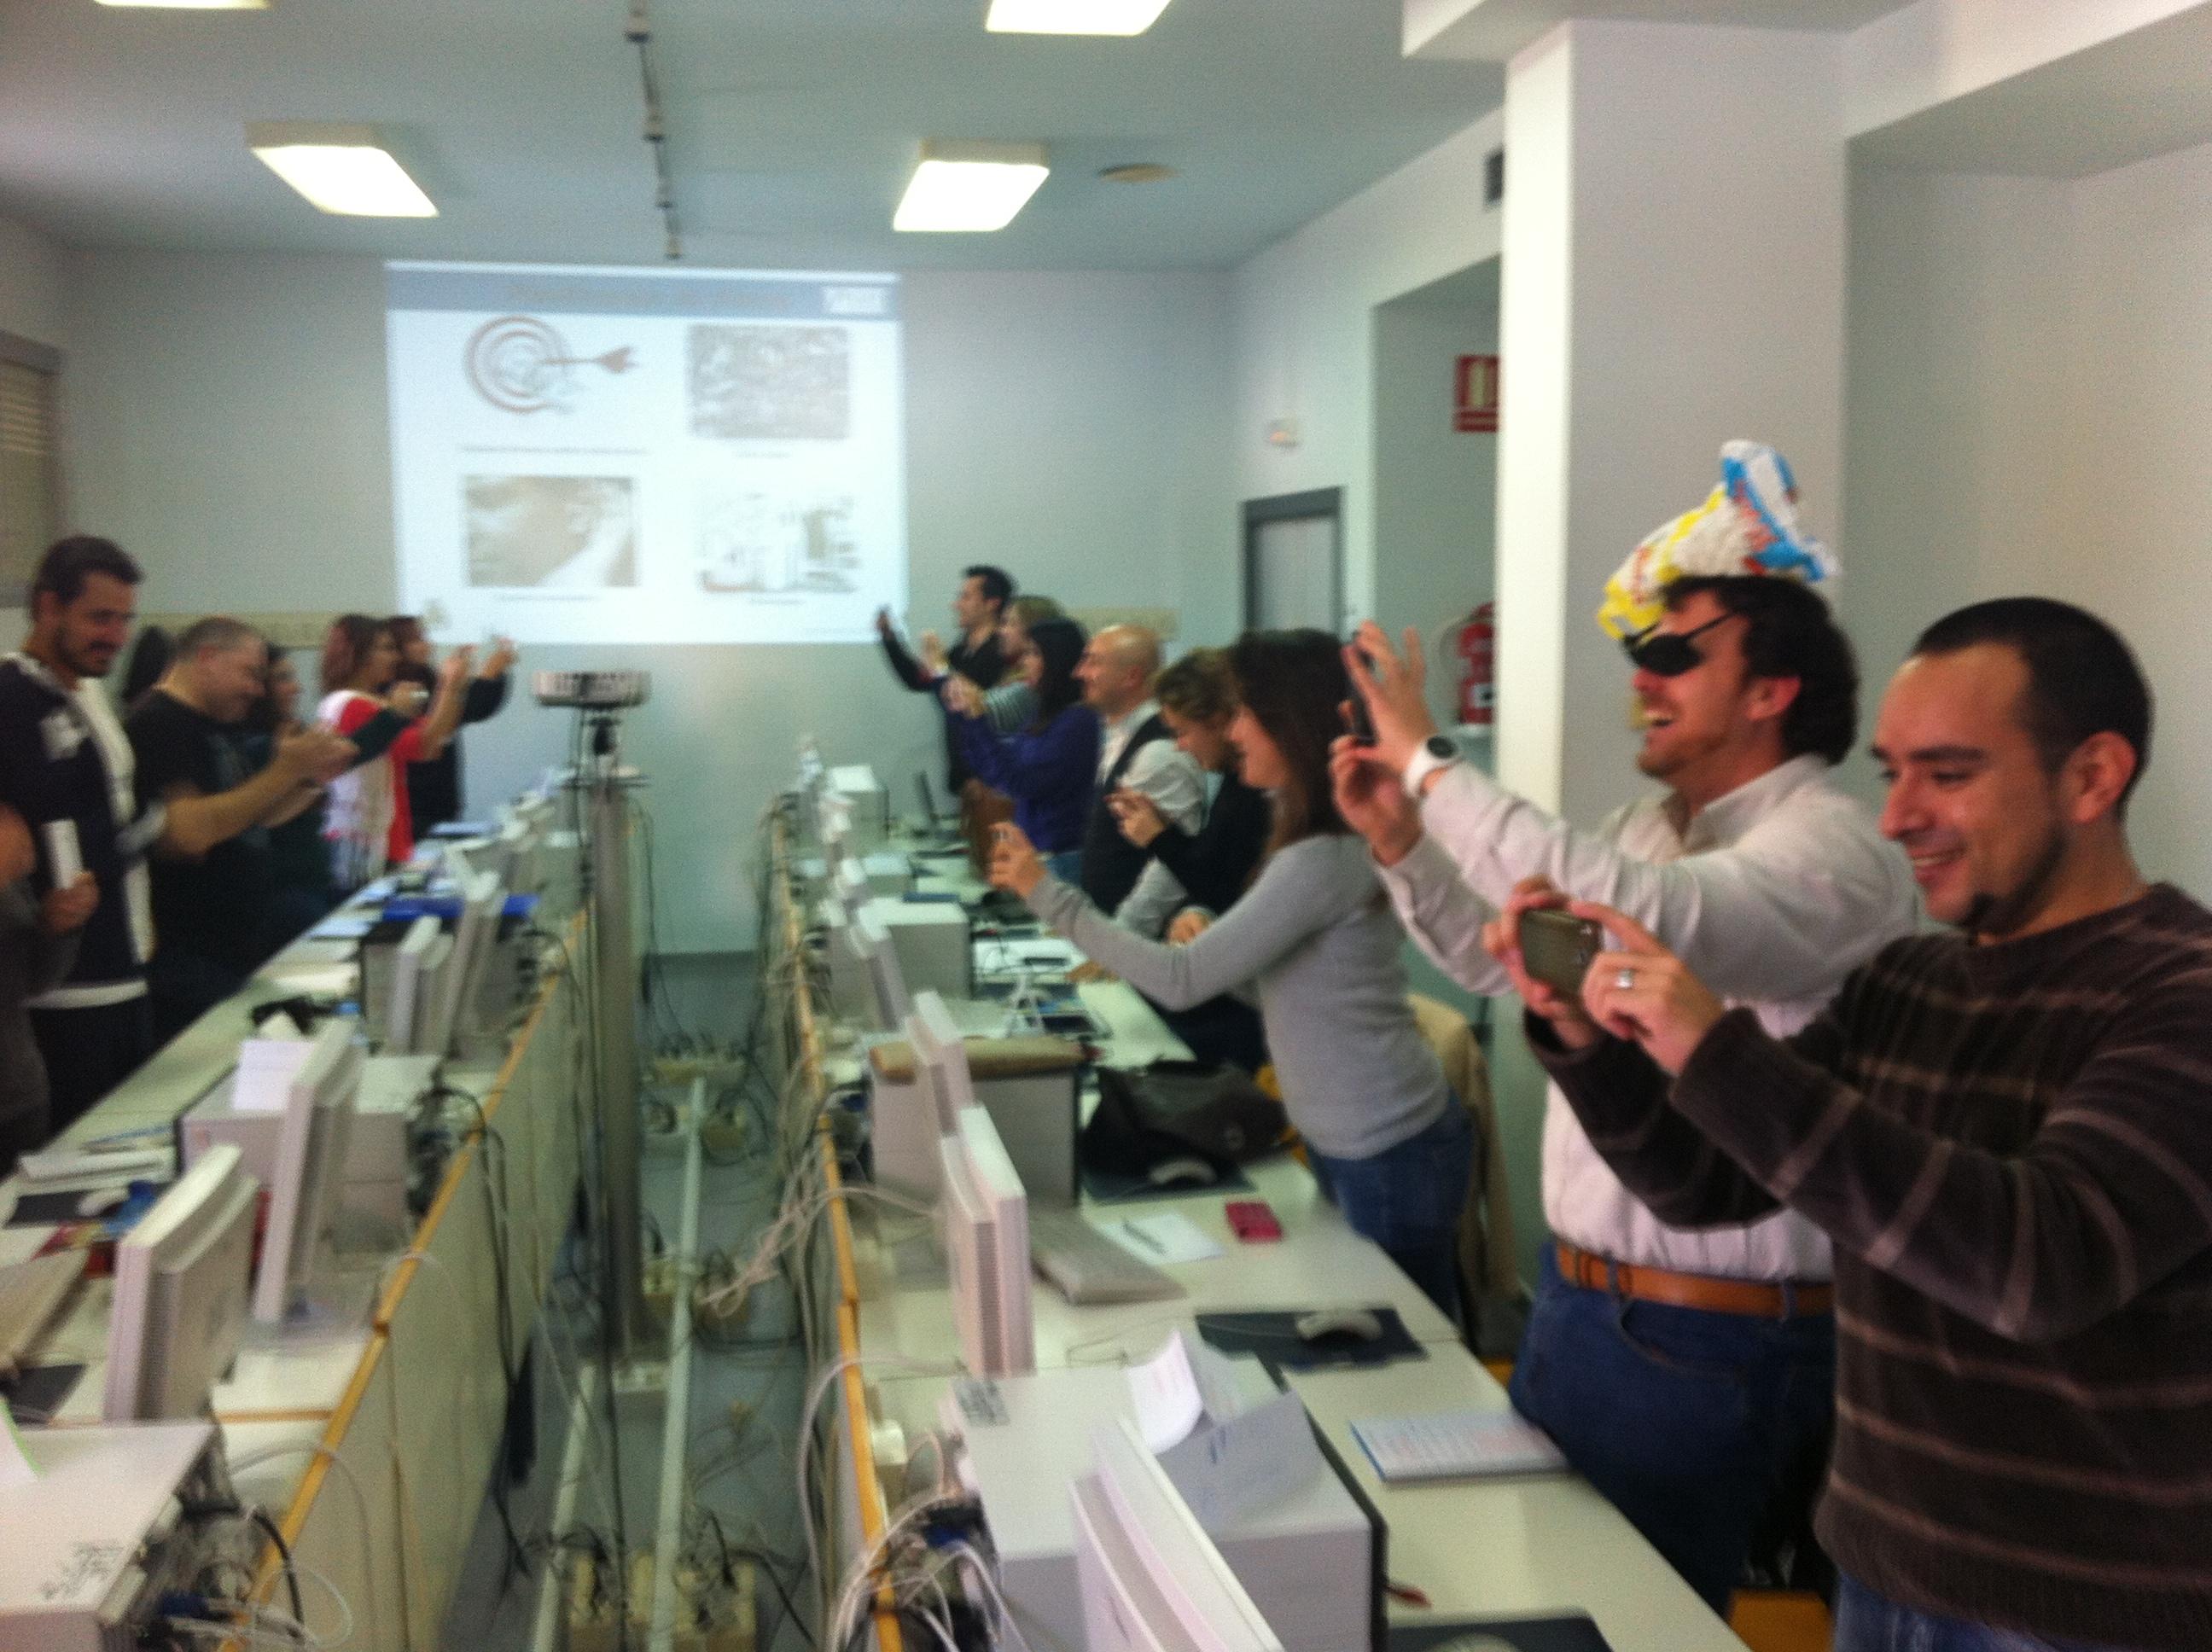 Grabar Vídeos con alegría en la empresa – Experiencia en el GYM del Hotel AR Roca Esmeralda de Calpe, Mario Schumacher Blog